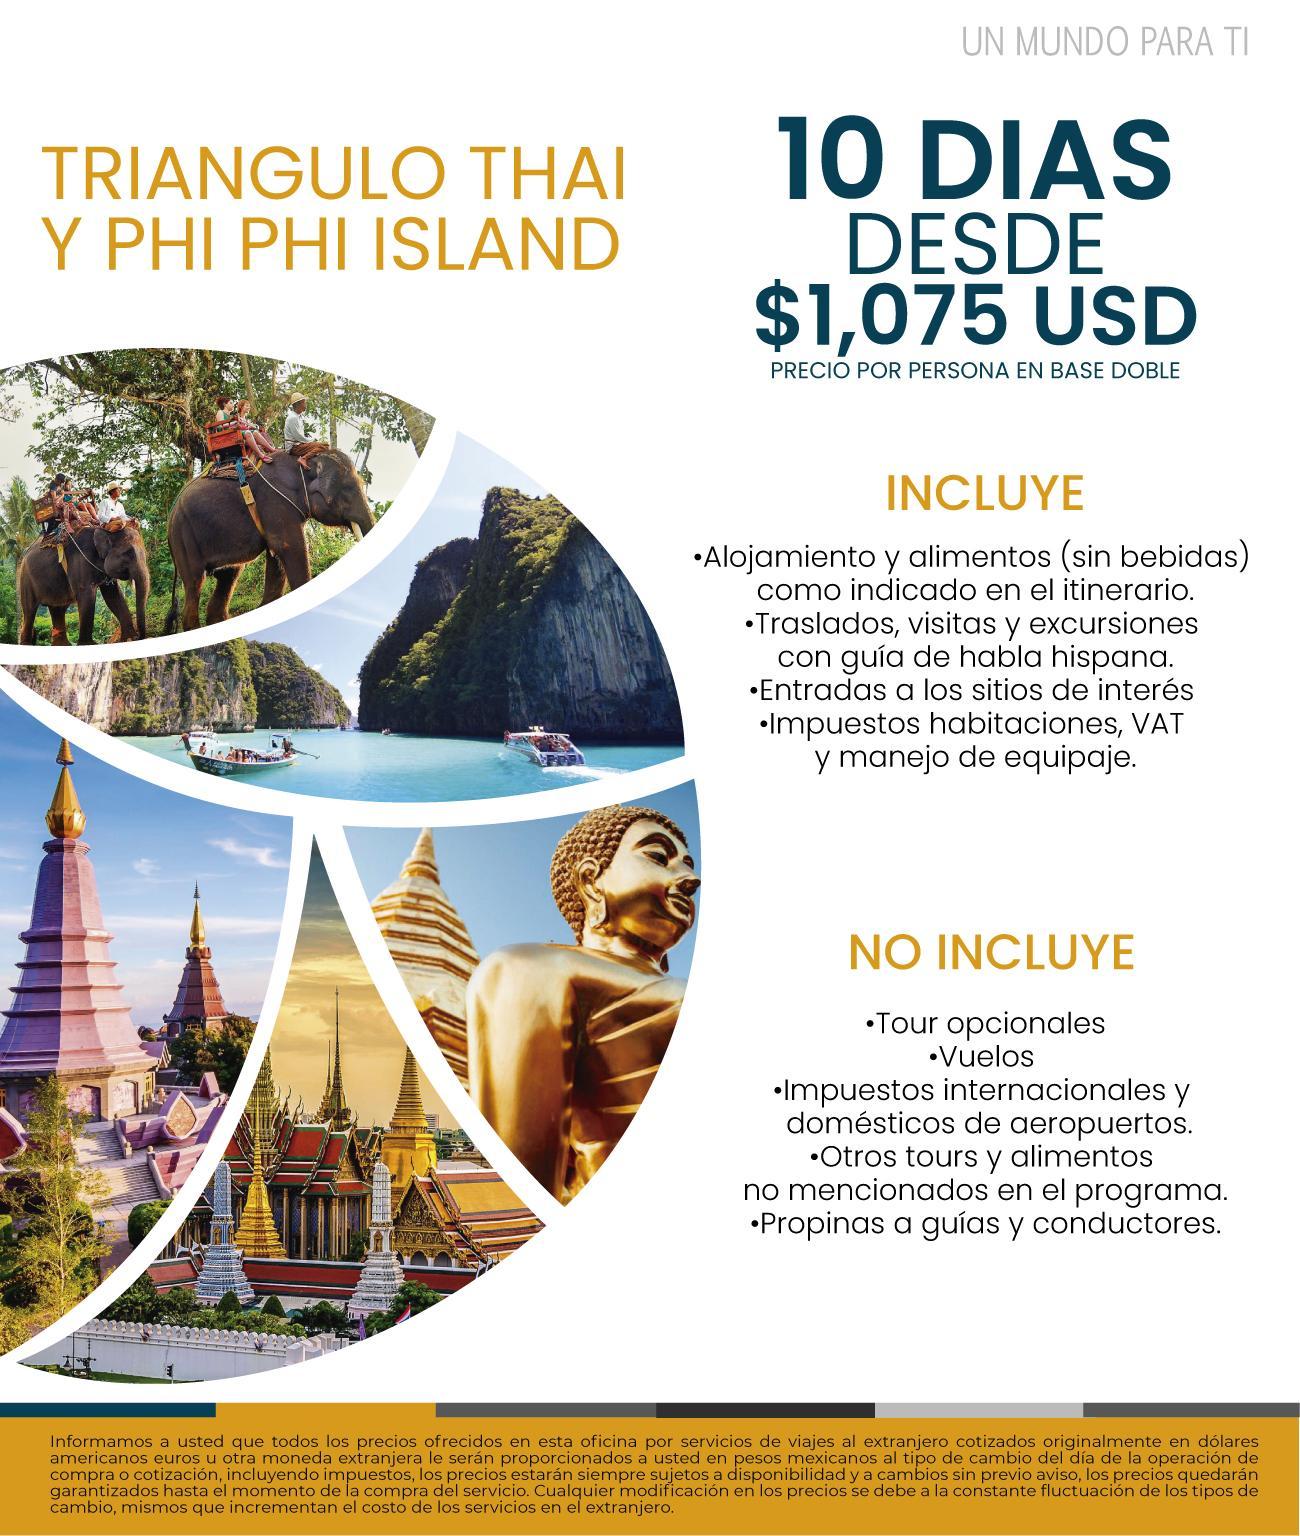 Tailandia Triangulo Thai y Isla Phi Phi